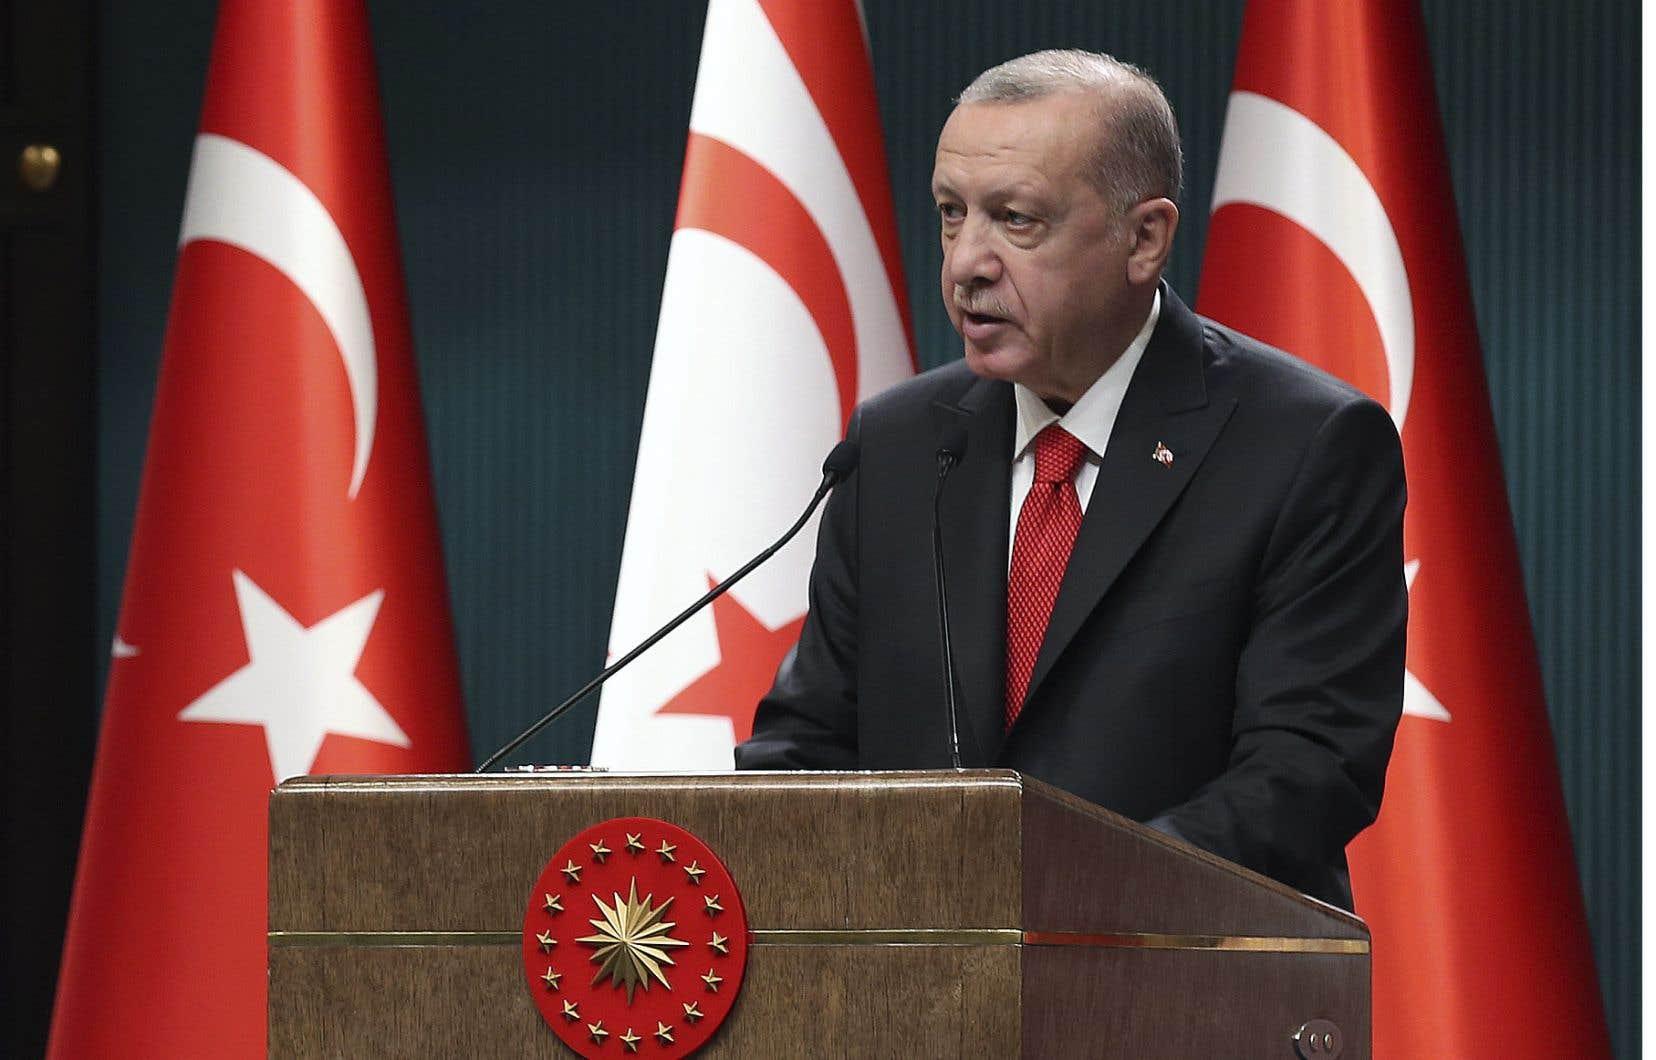 À deux reprises, ce week-end, le président turc avait mis en cause la «santé mentale» du président français, Emmanuel Macron, dénonçant ses positions vis-à-vis des musulmans.